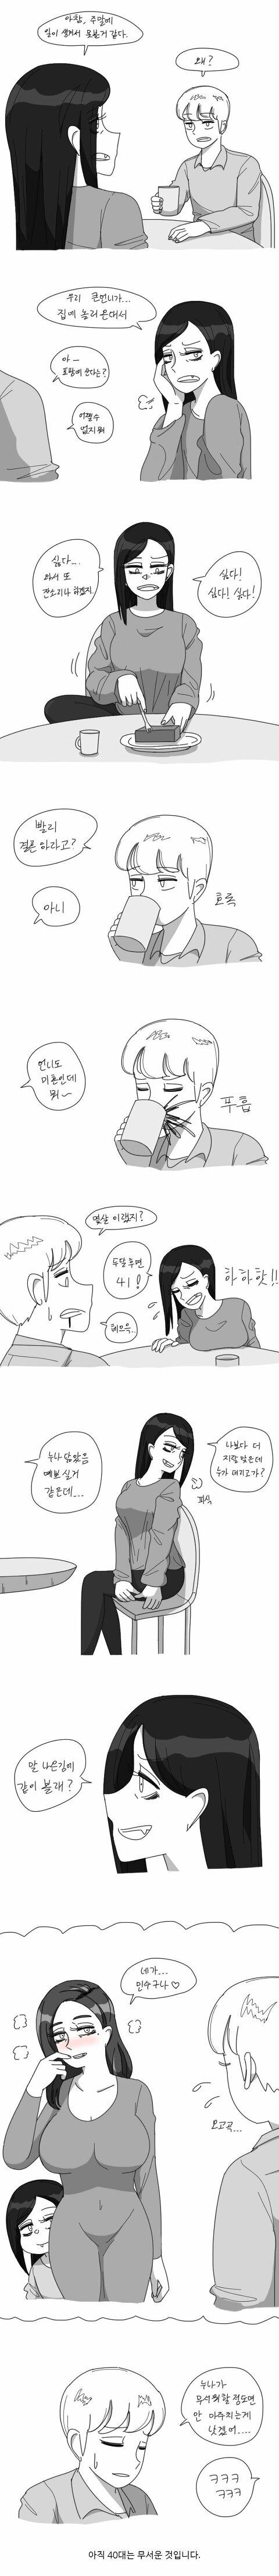 [유머]친한 누나가 약속을 취소하는 만화.jpg